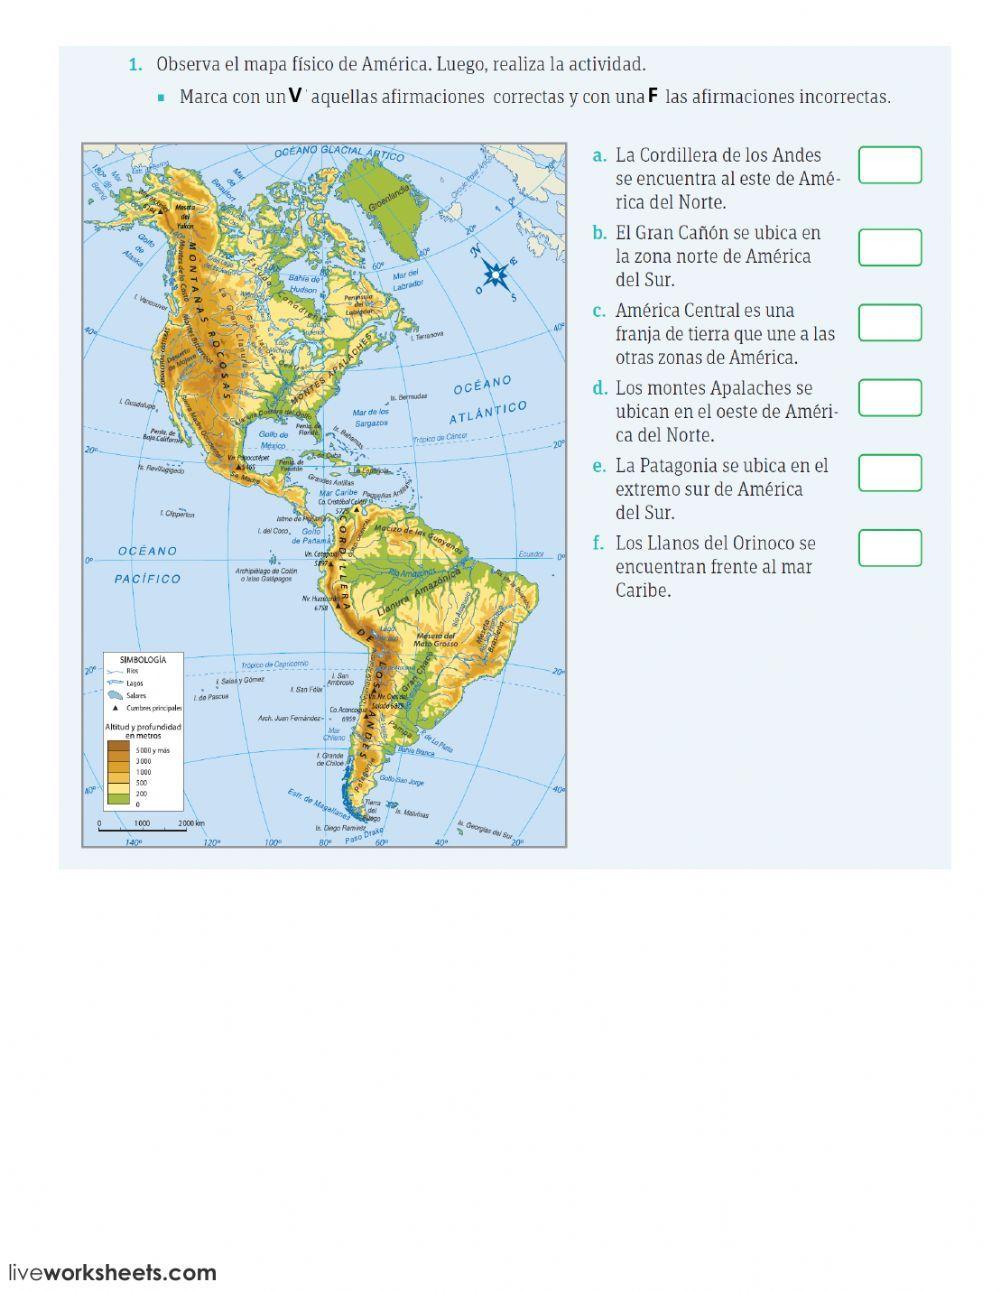 Relieve De América Ficha Interactiva Y Descargable Puedes Hacer Los Ejercicios Online O D Enseñanza De La Geografía Actividades De Geografía Aula De Geografía